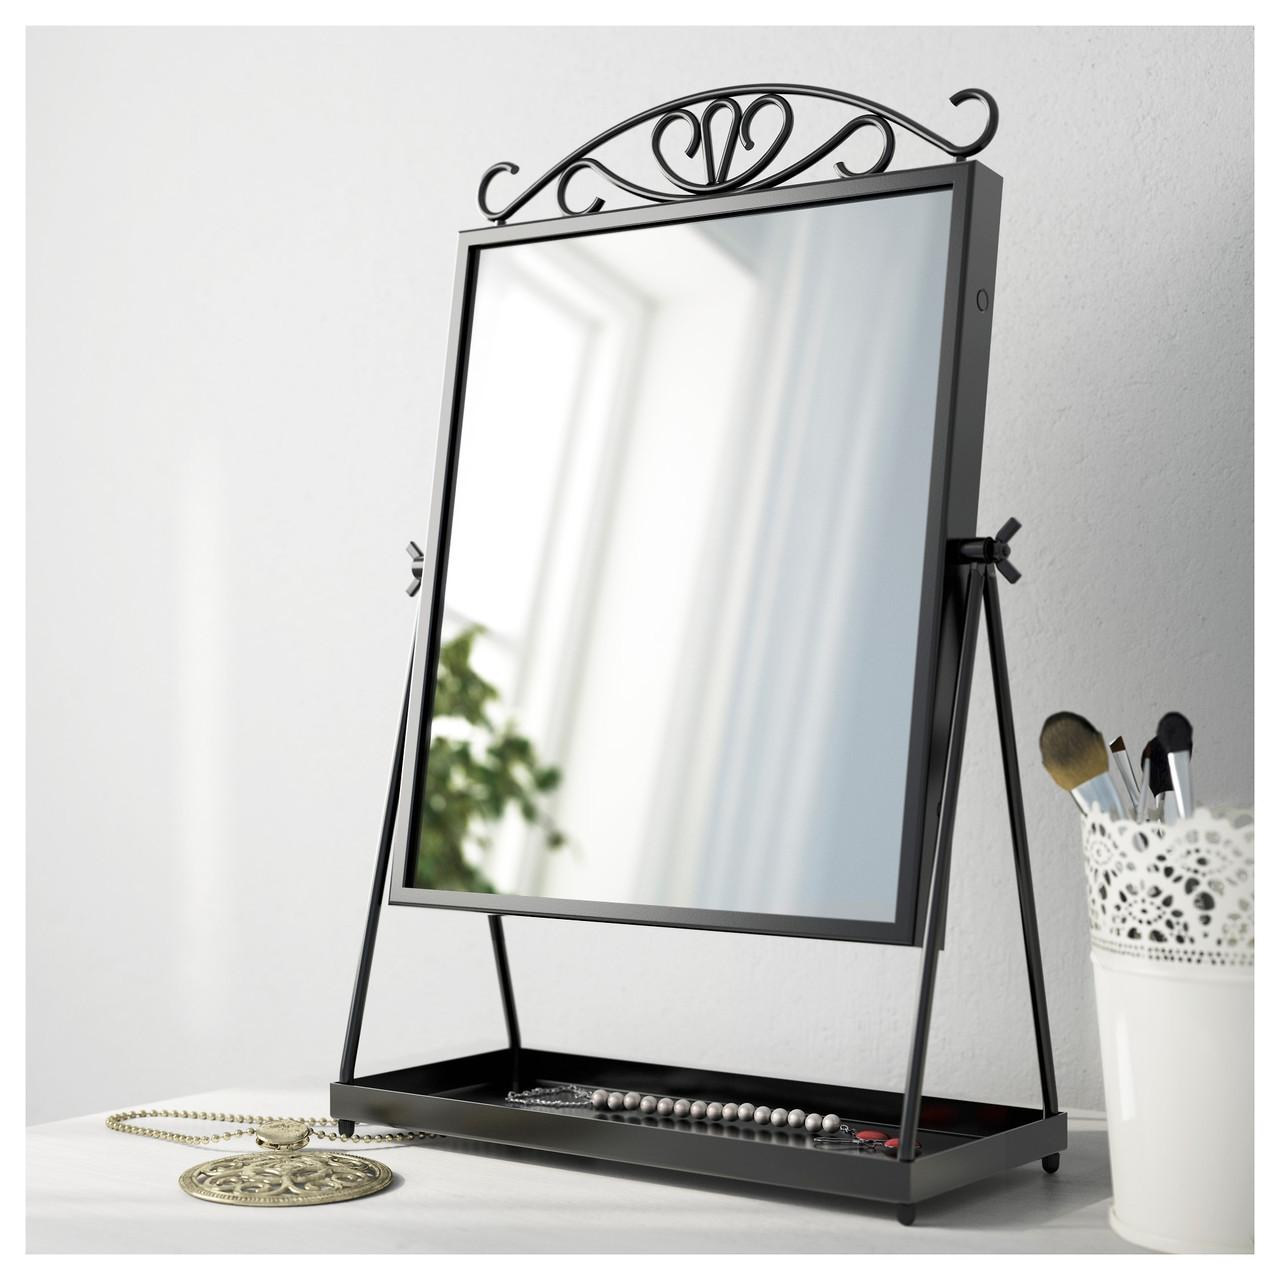 Дзеркало настільне IKEA KARMSUND чорний 002.949.79